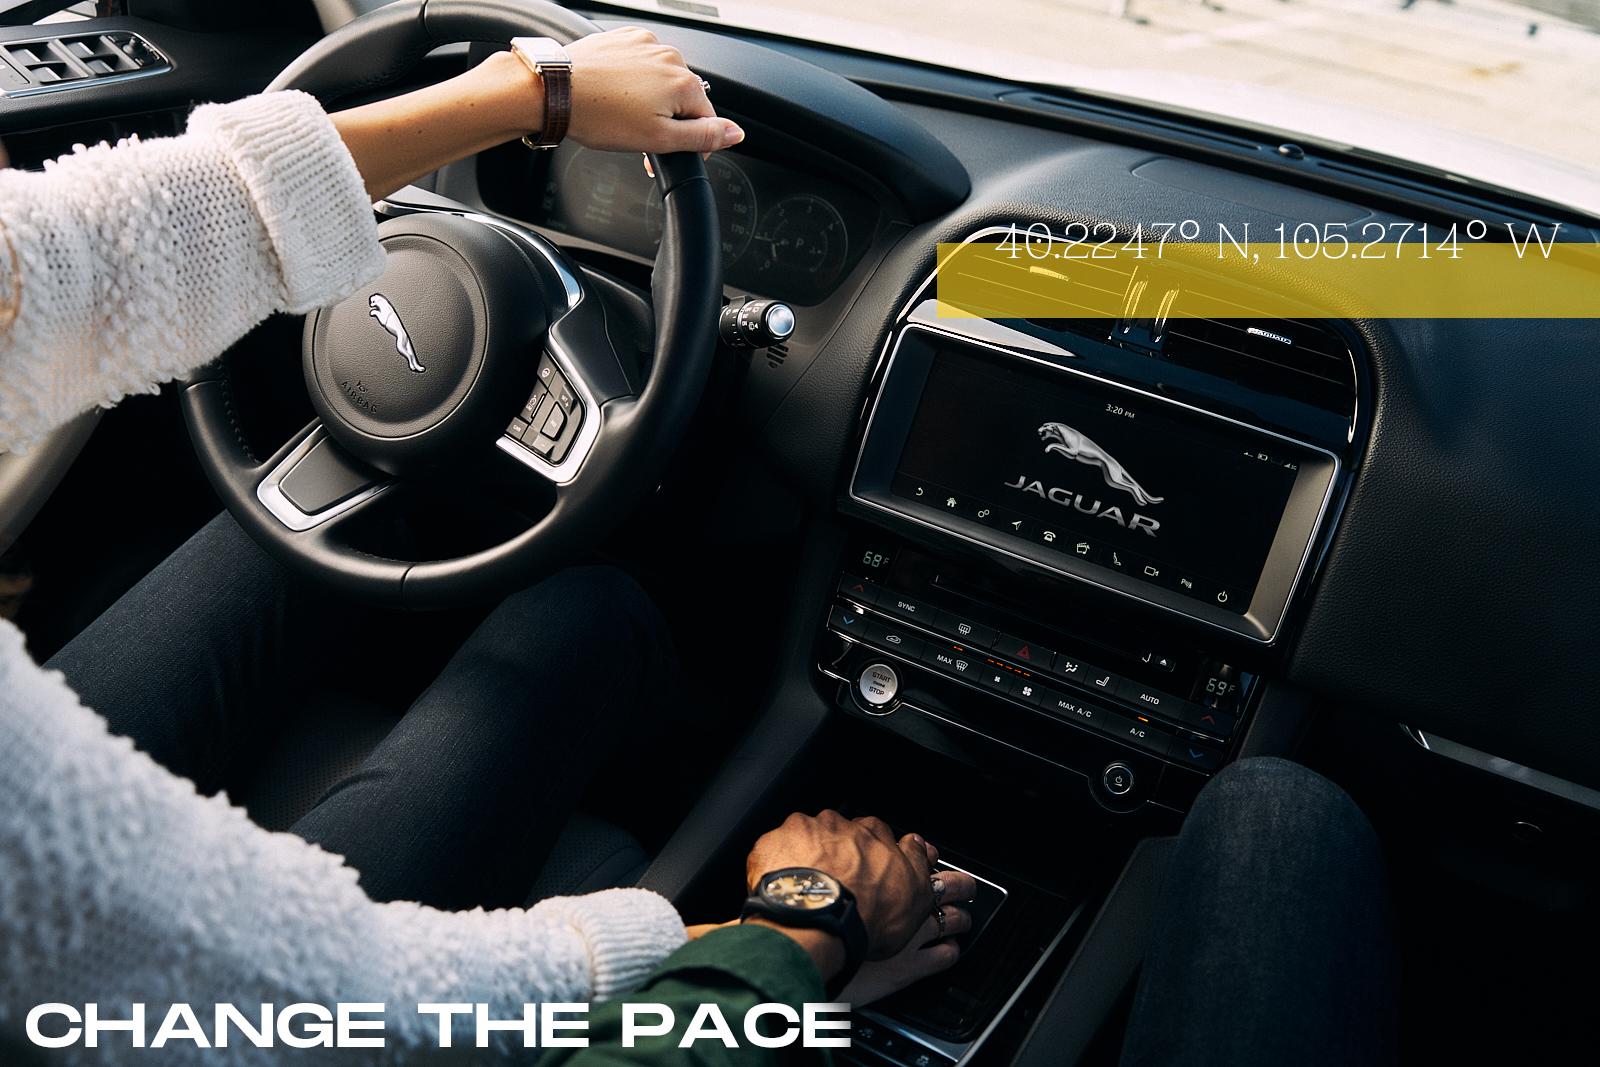 Jaguar_ConceptBoard5 (1) copy.jpg